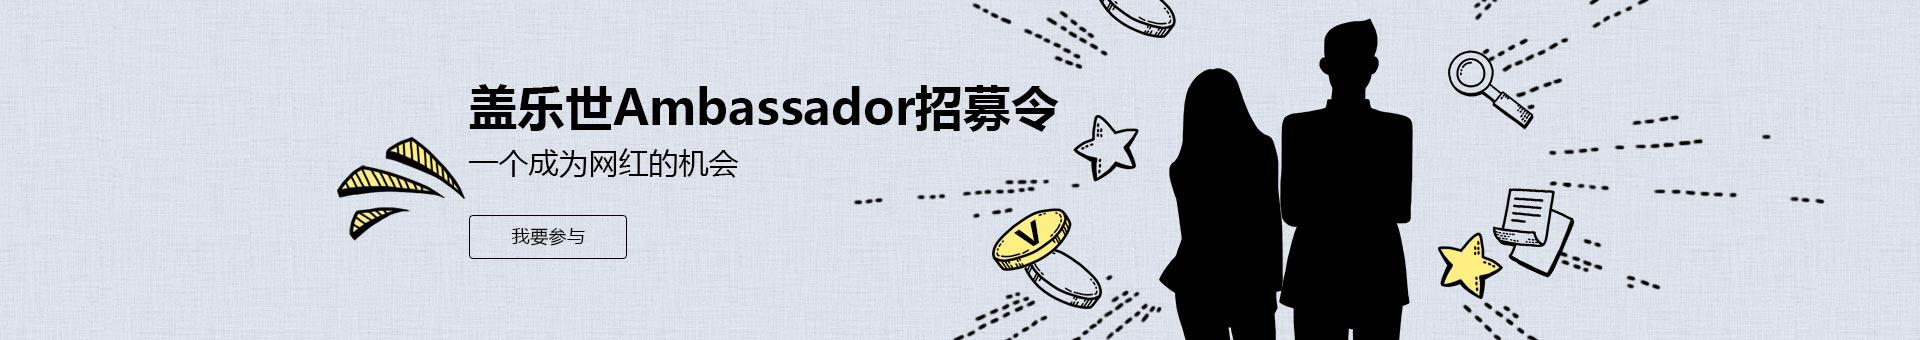 盖乐世Ambassador,期待你的加入